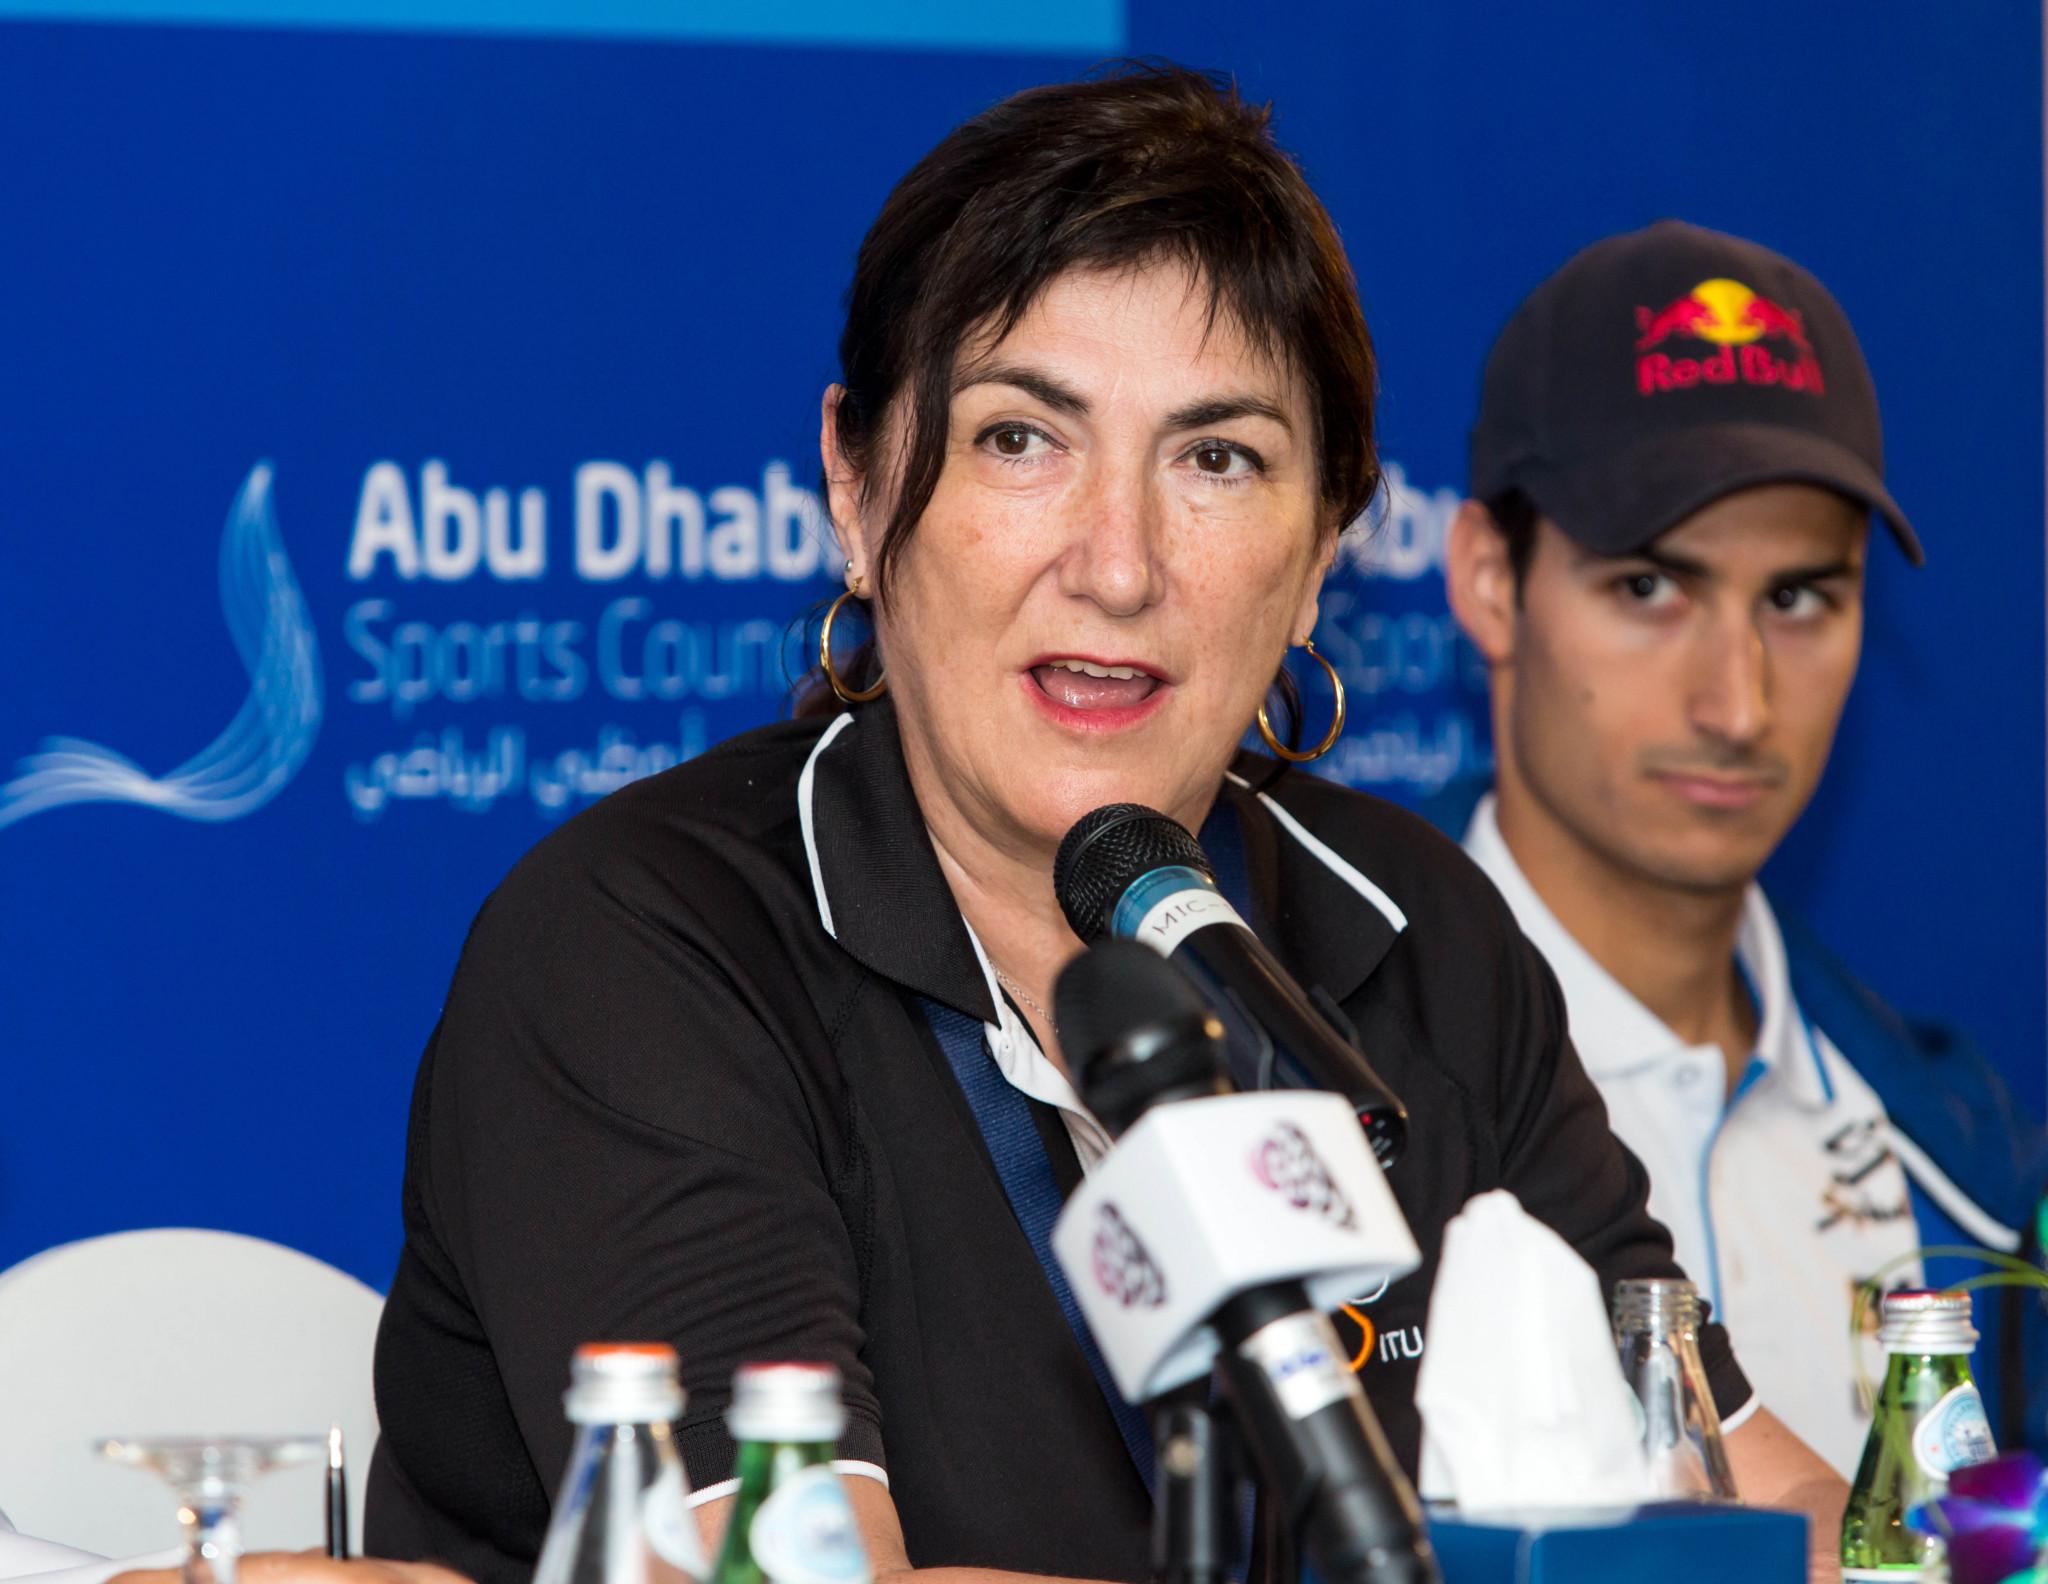 International Triathlon Union President Marisol Casado was born in Madrid ©Getty Images